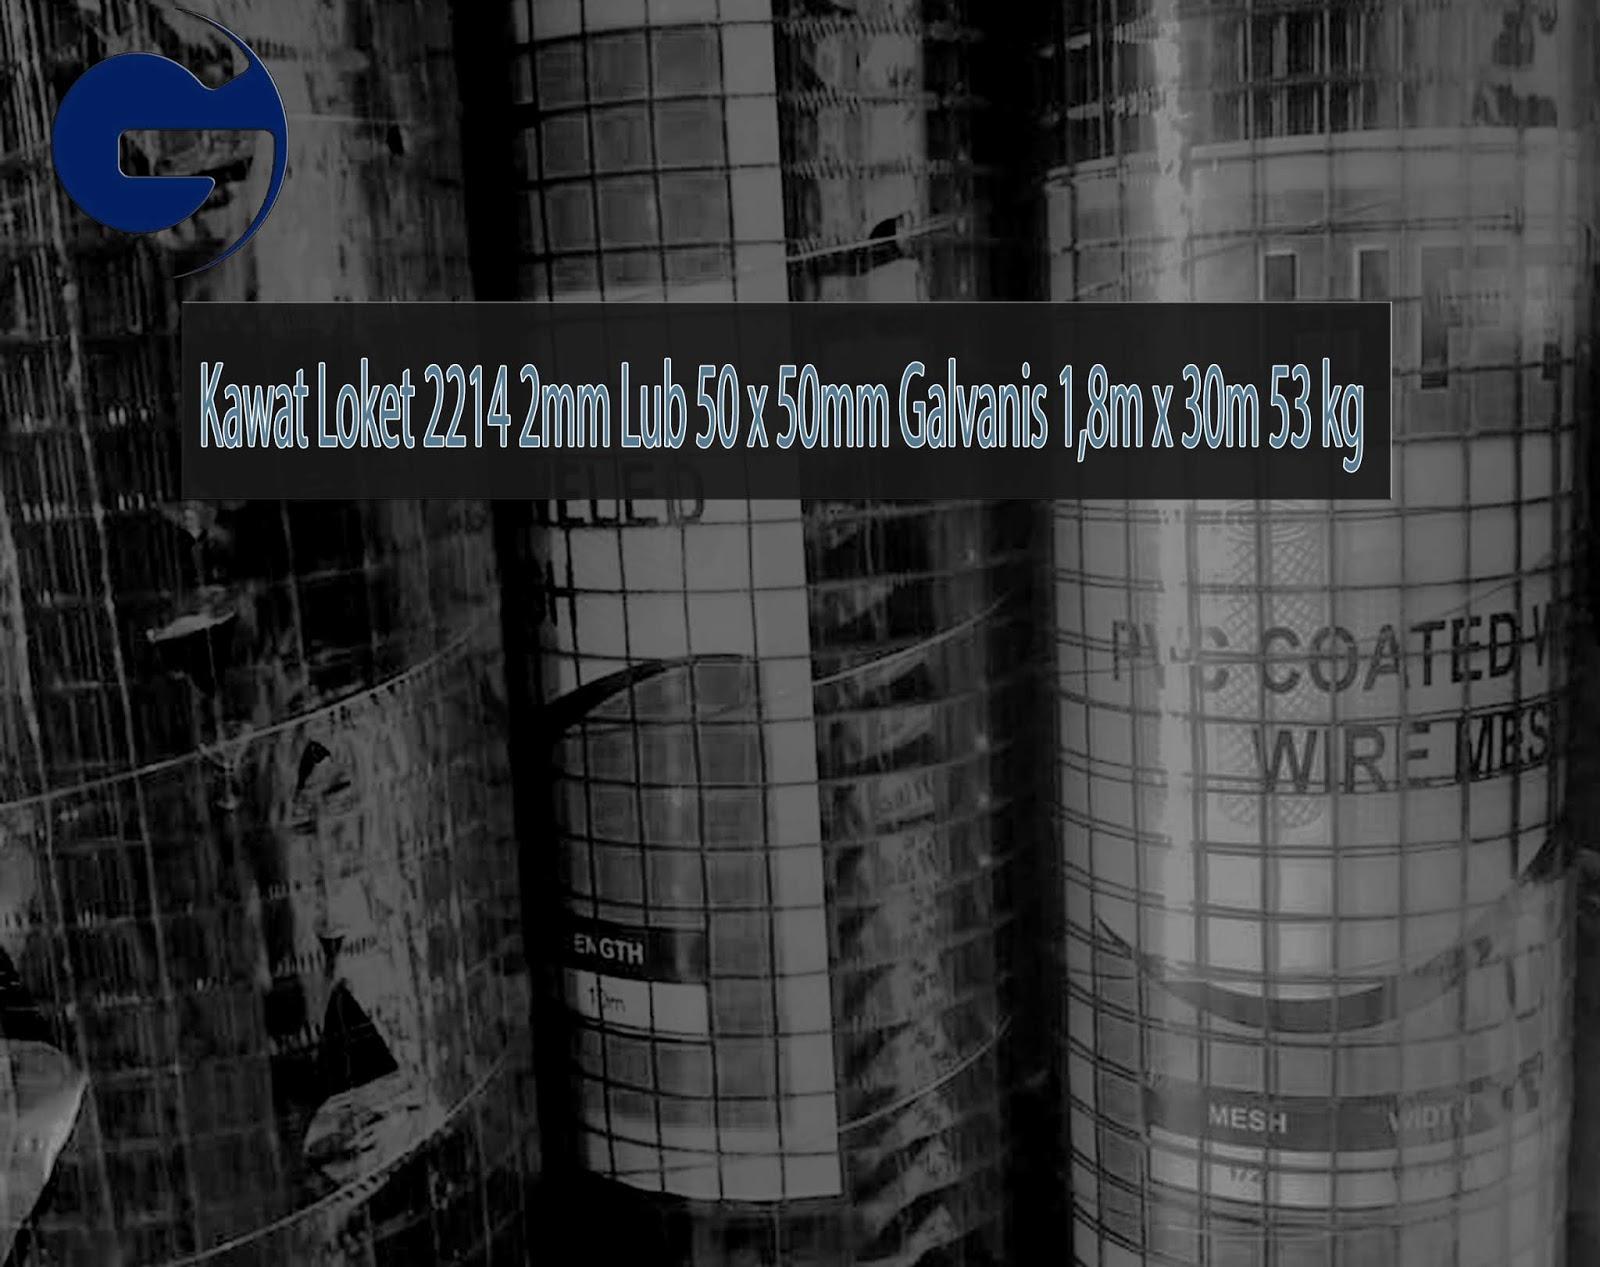 Jual Kawat Loket 2214 2mm Lub 50 x 50mm Galvanis 1,8m x 30m 53kg